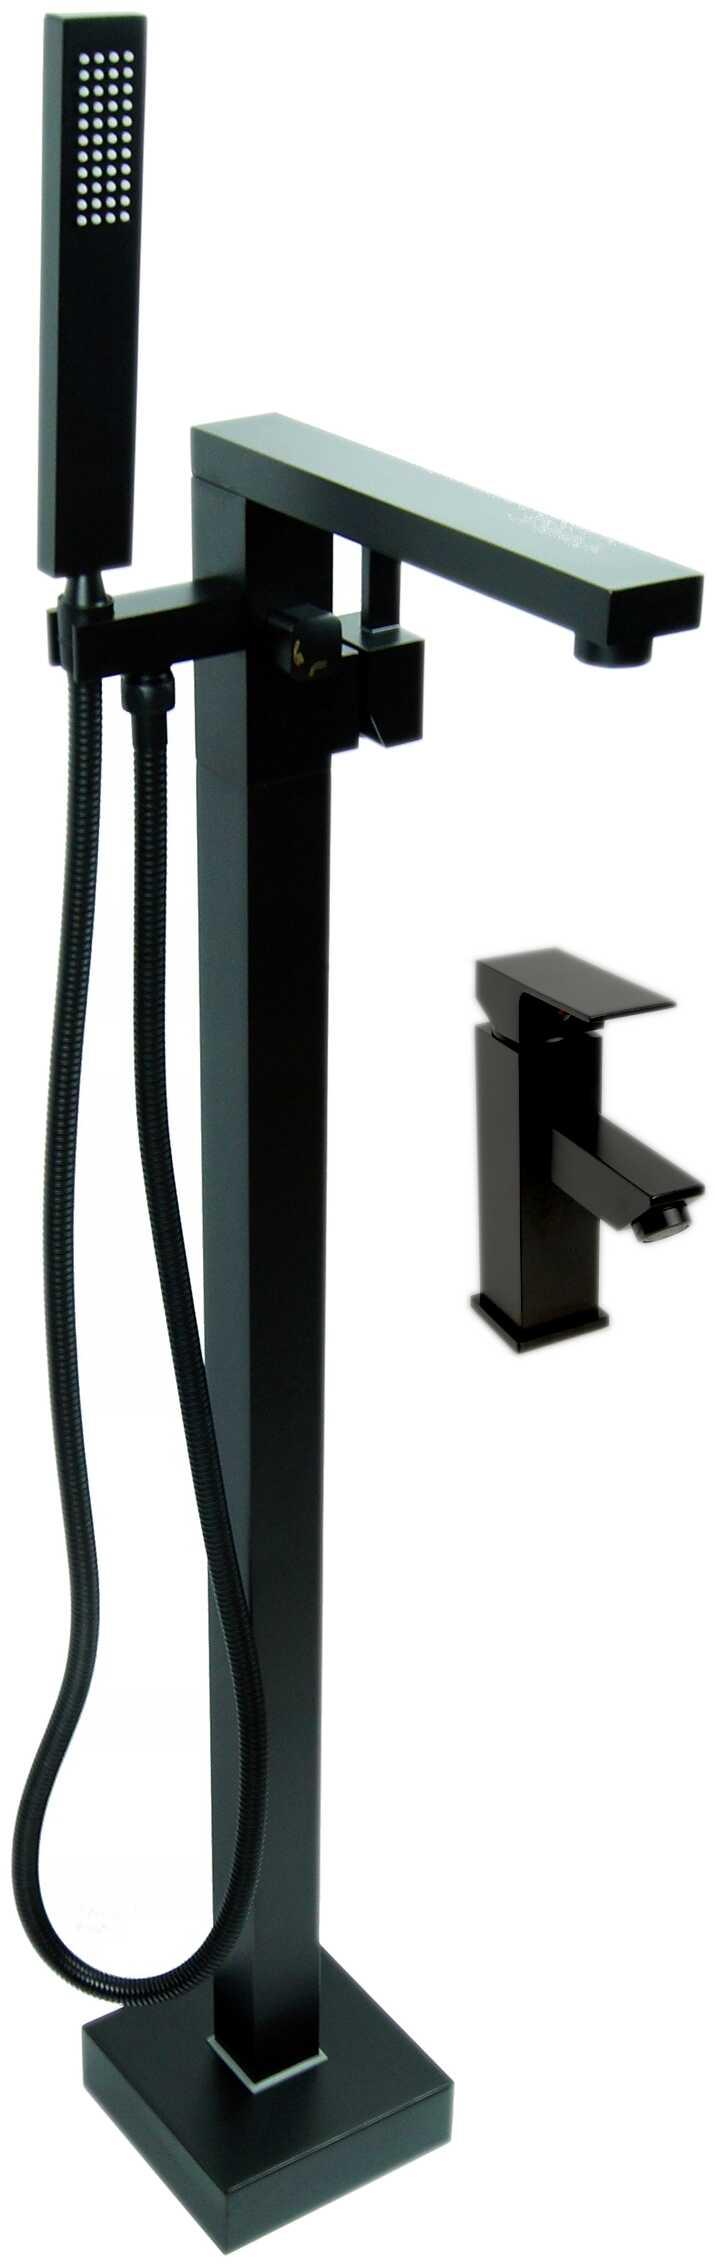 Zestaw Bateria wannowa wolnostojąca LEMOR + Bateria umywalkowa QATRO - BLACK